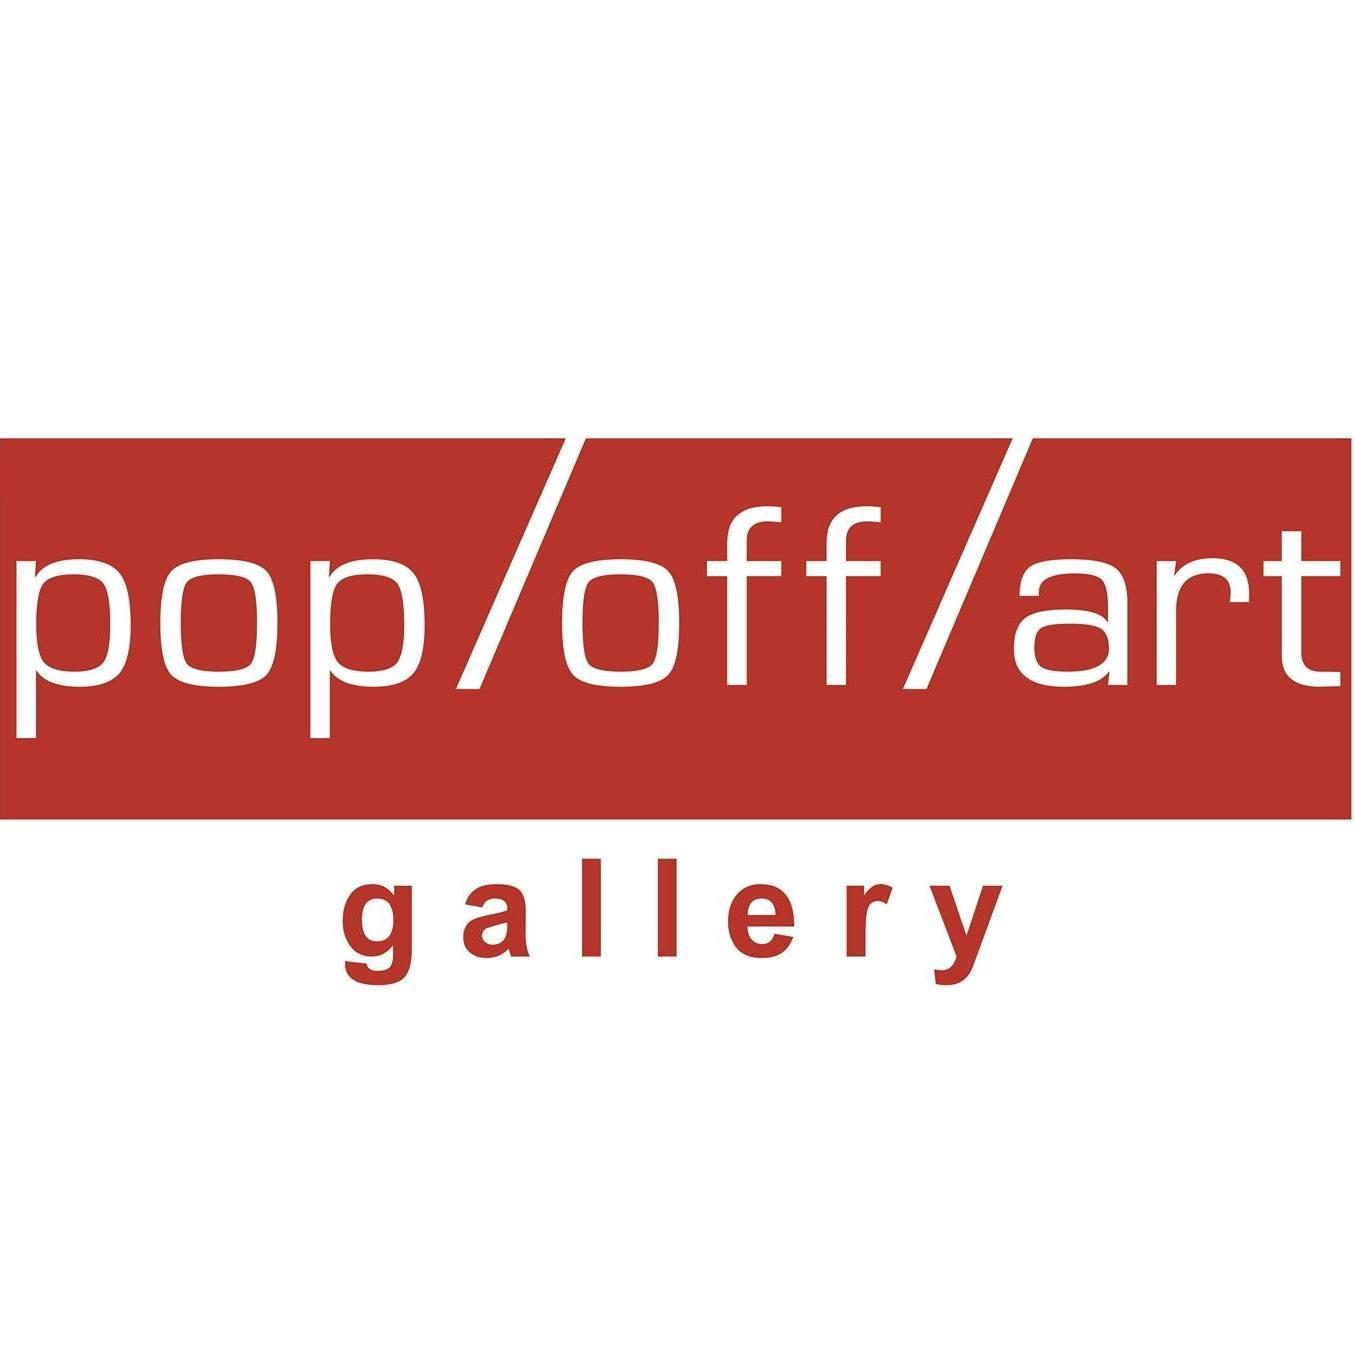 Галерея pop/off/art